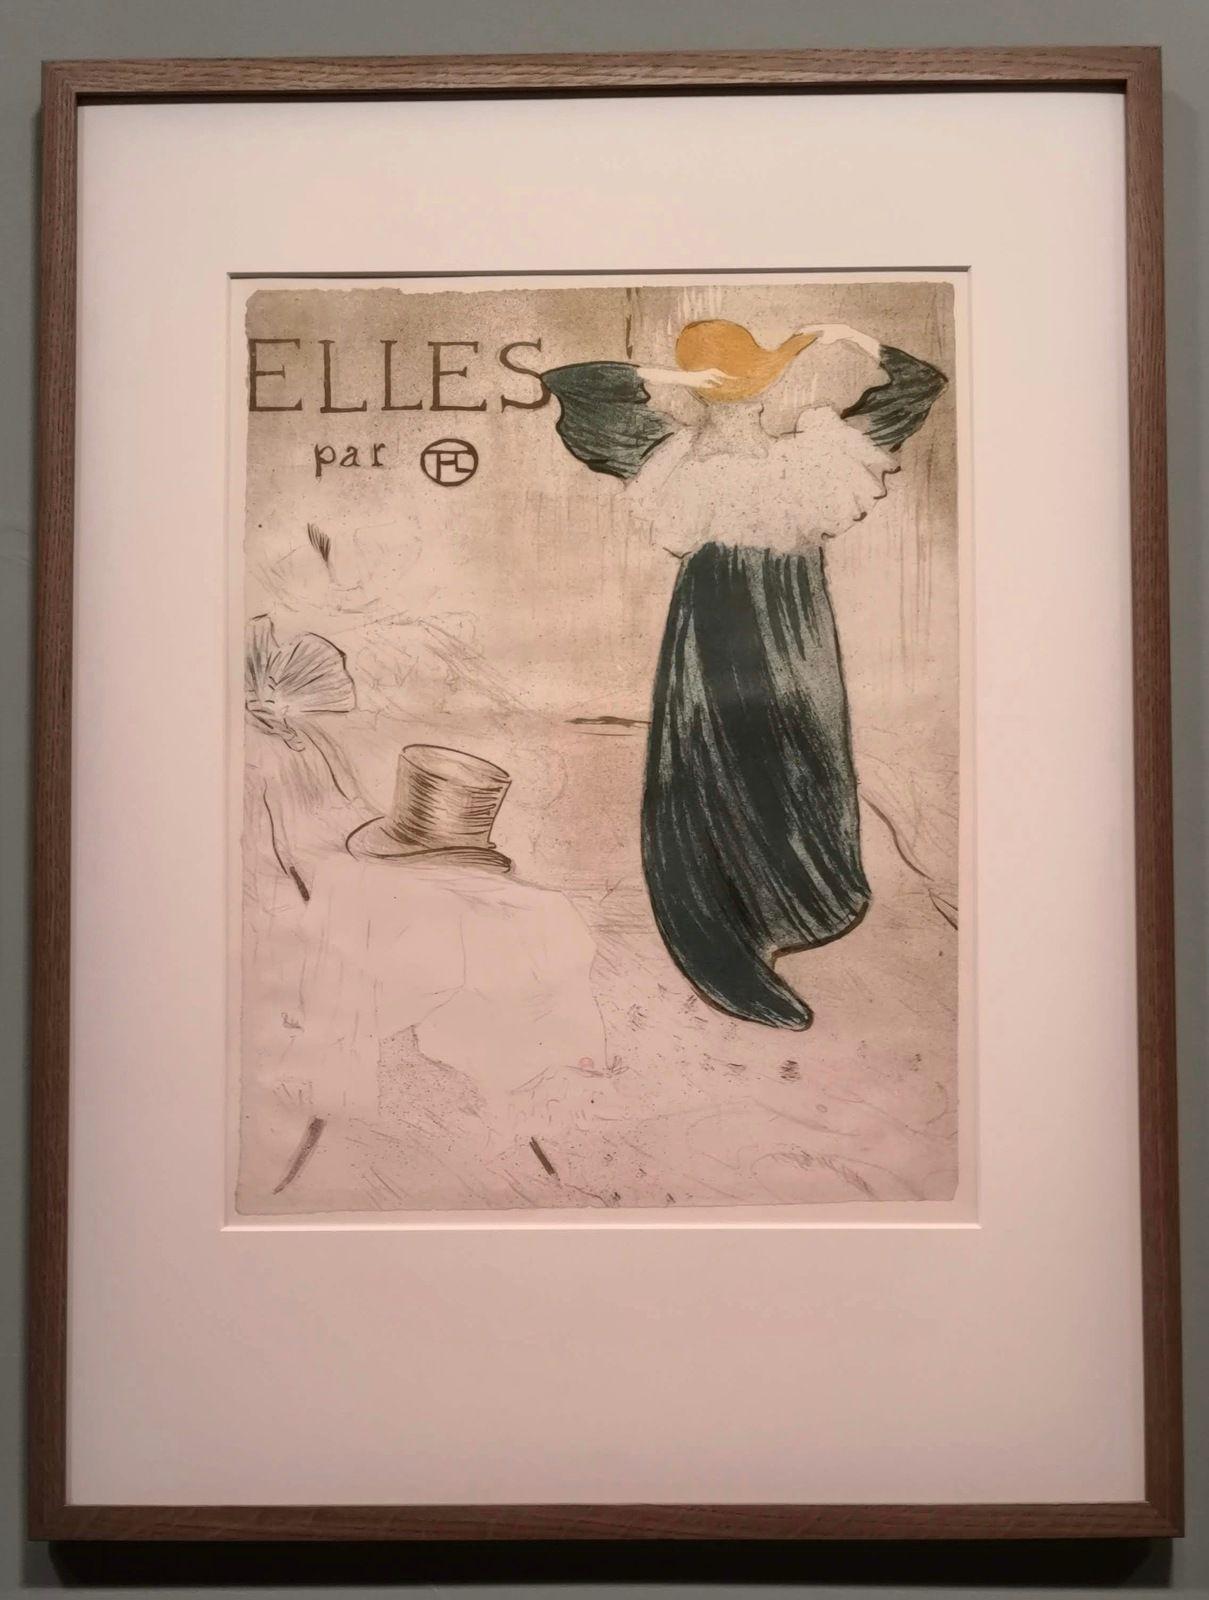 Elles, série de dix lithographies (frontispice), Paris, Bibliothèque nationale de France, département des Estampes et de la Photographie